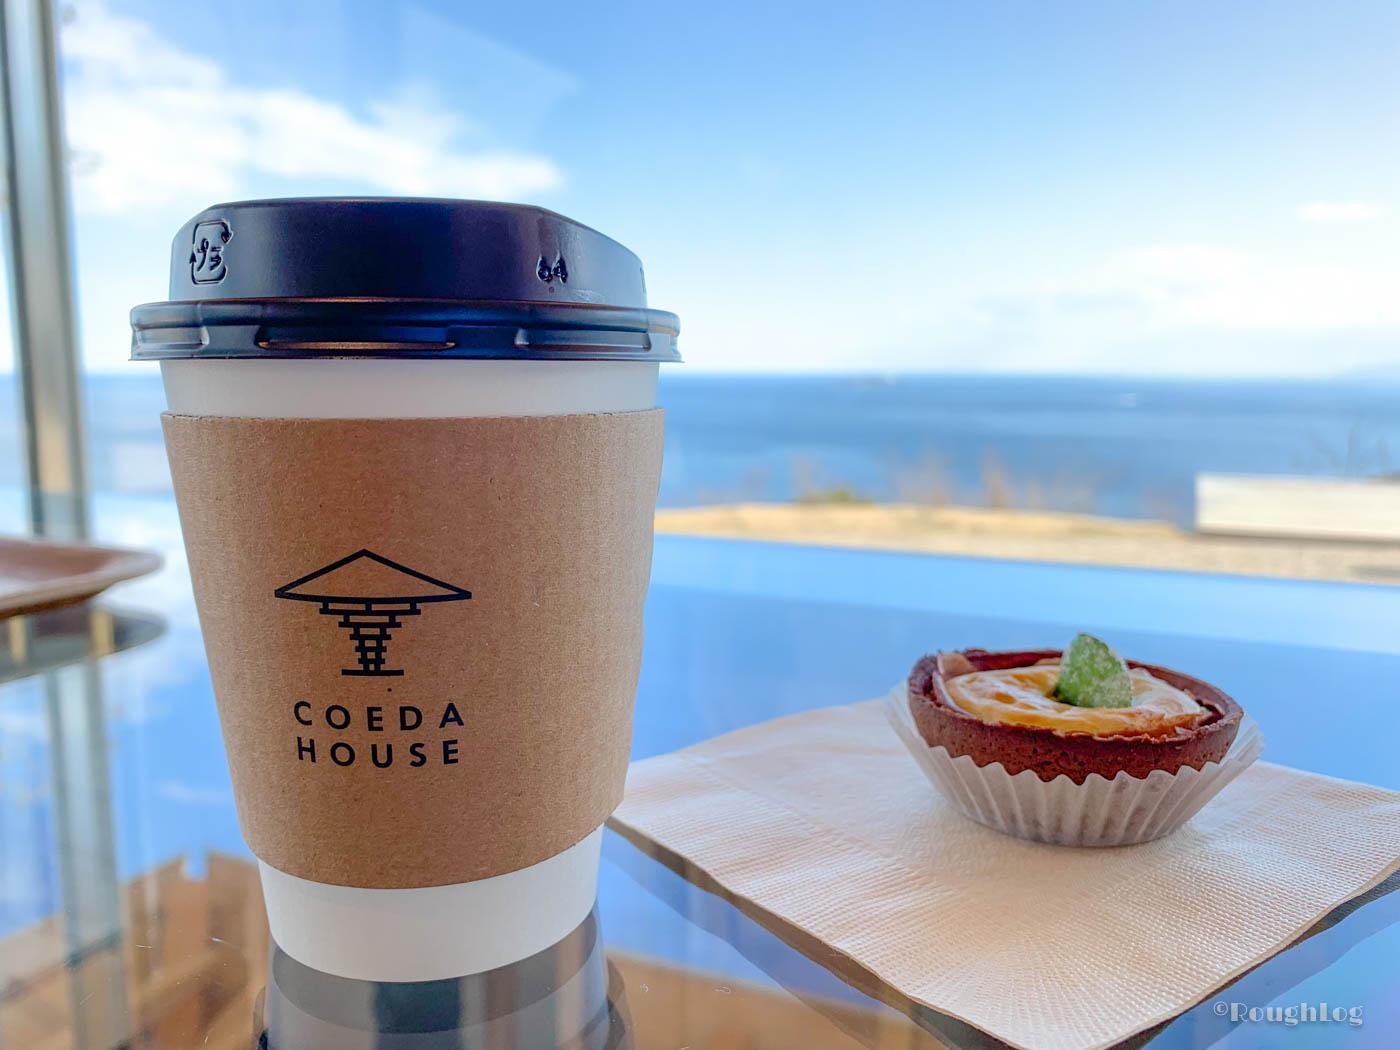 コエダハウスで熱海の絶景を眺めがら一息つく